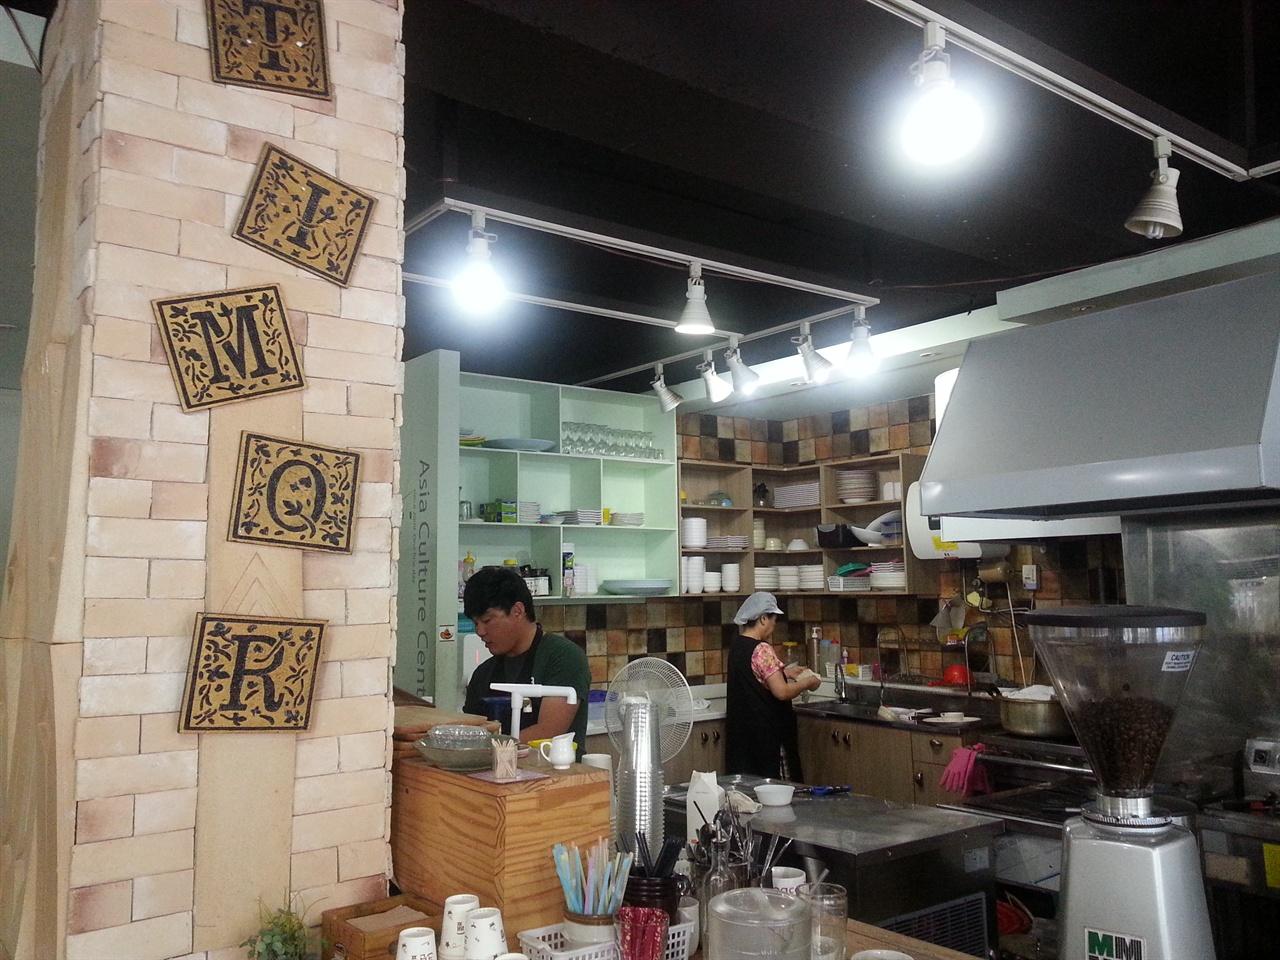 김해YMCA 카페 티모르 김해YMCA에서 운영하는 카페 티모르 주방 전경